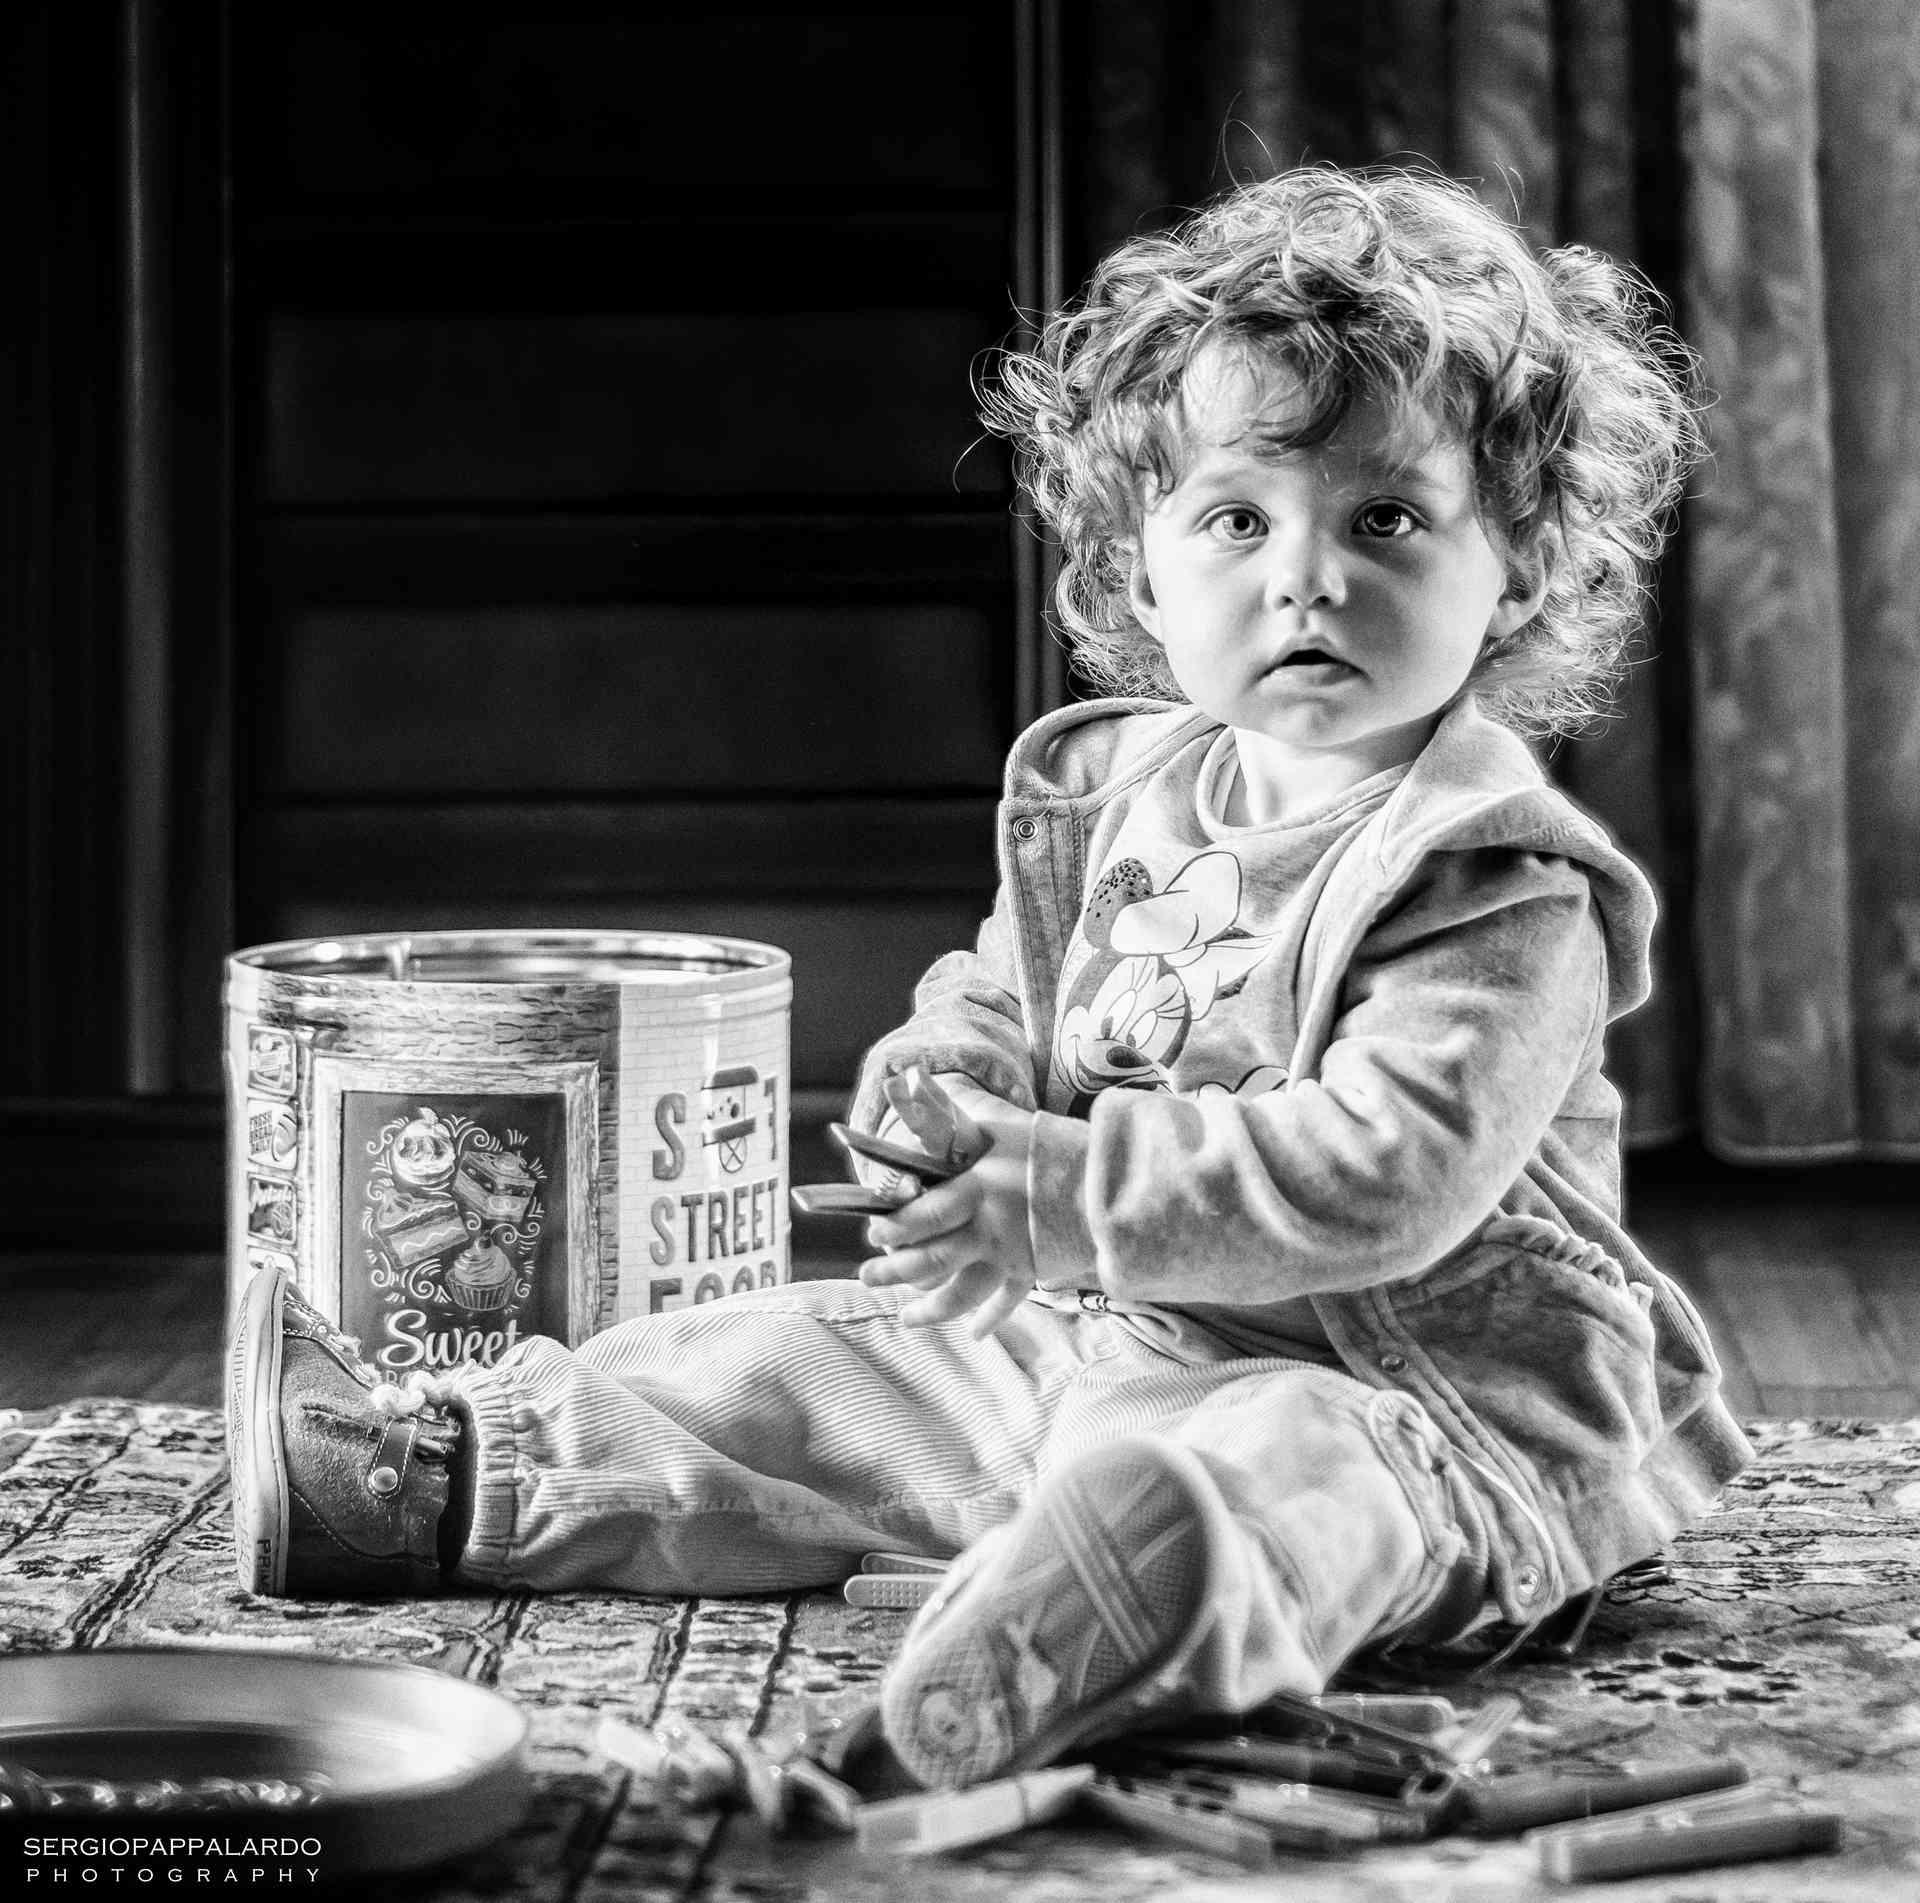 La mia nipotina 3 _ser4510